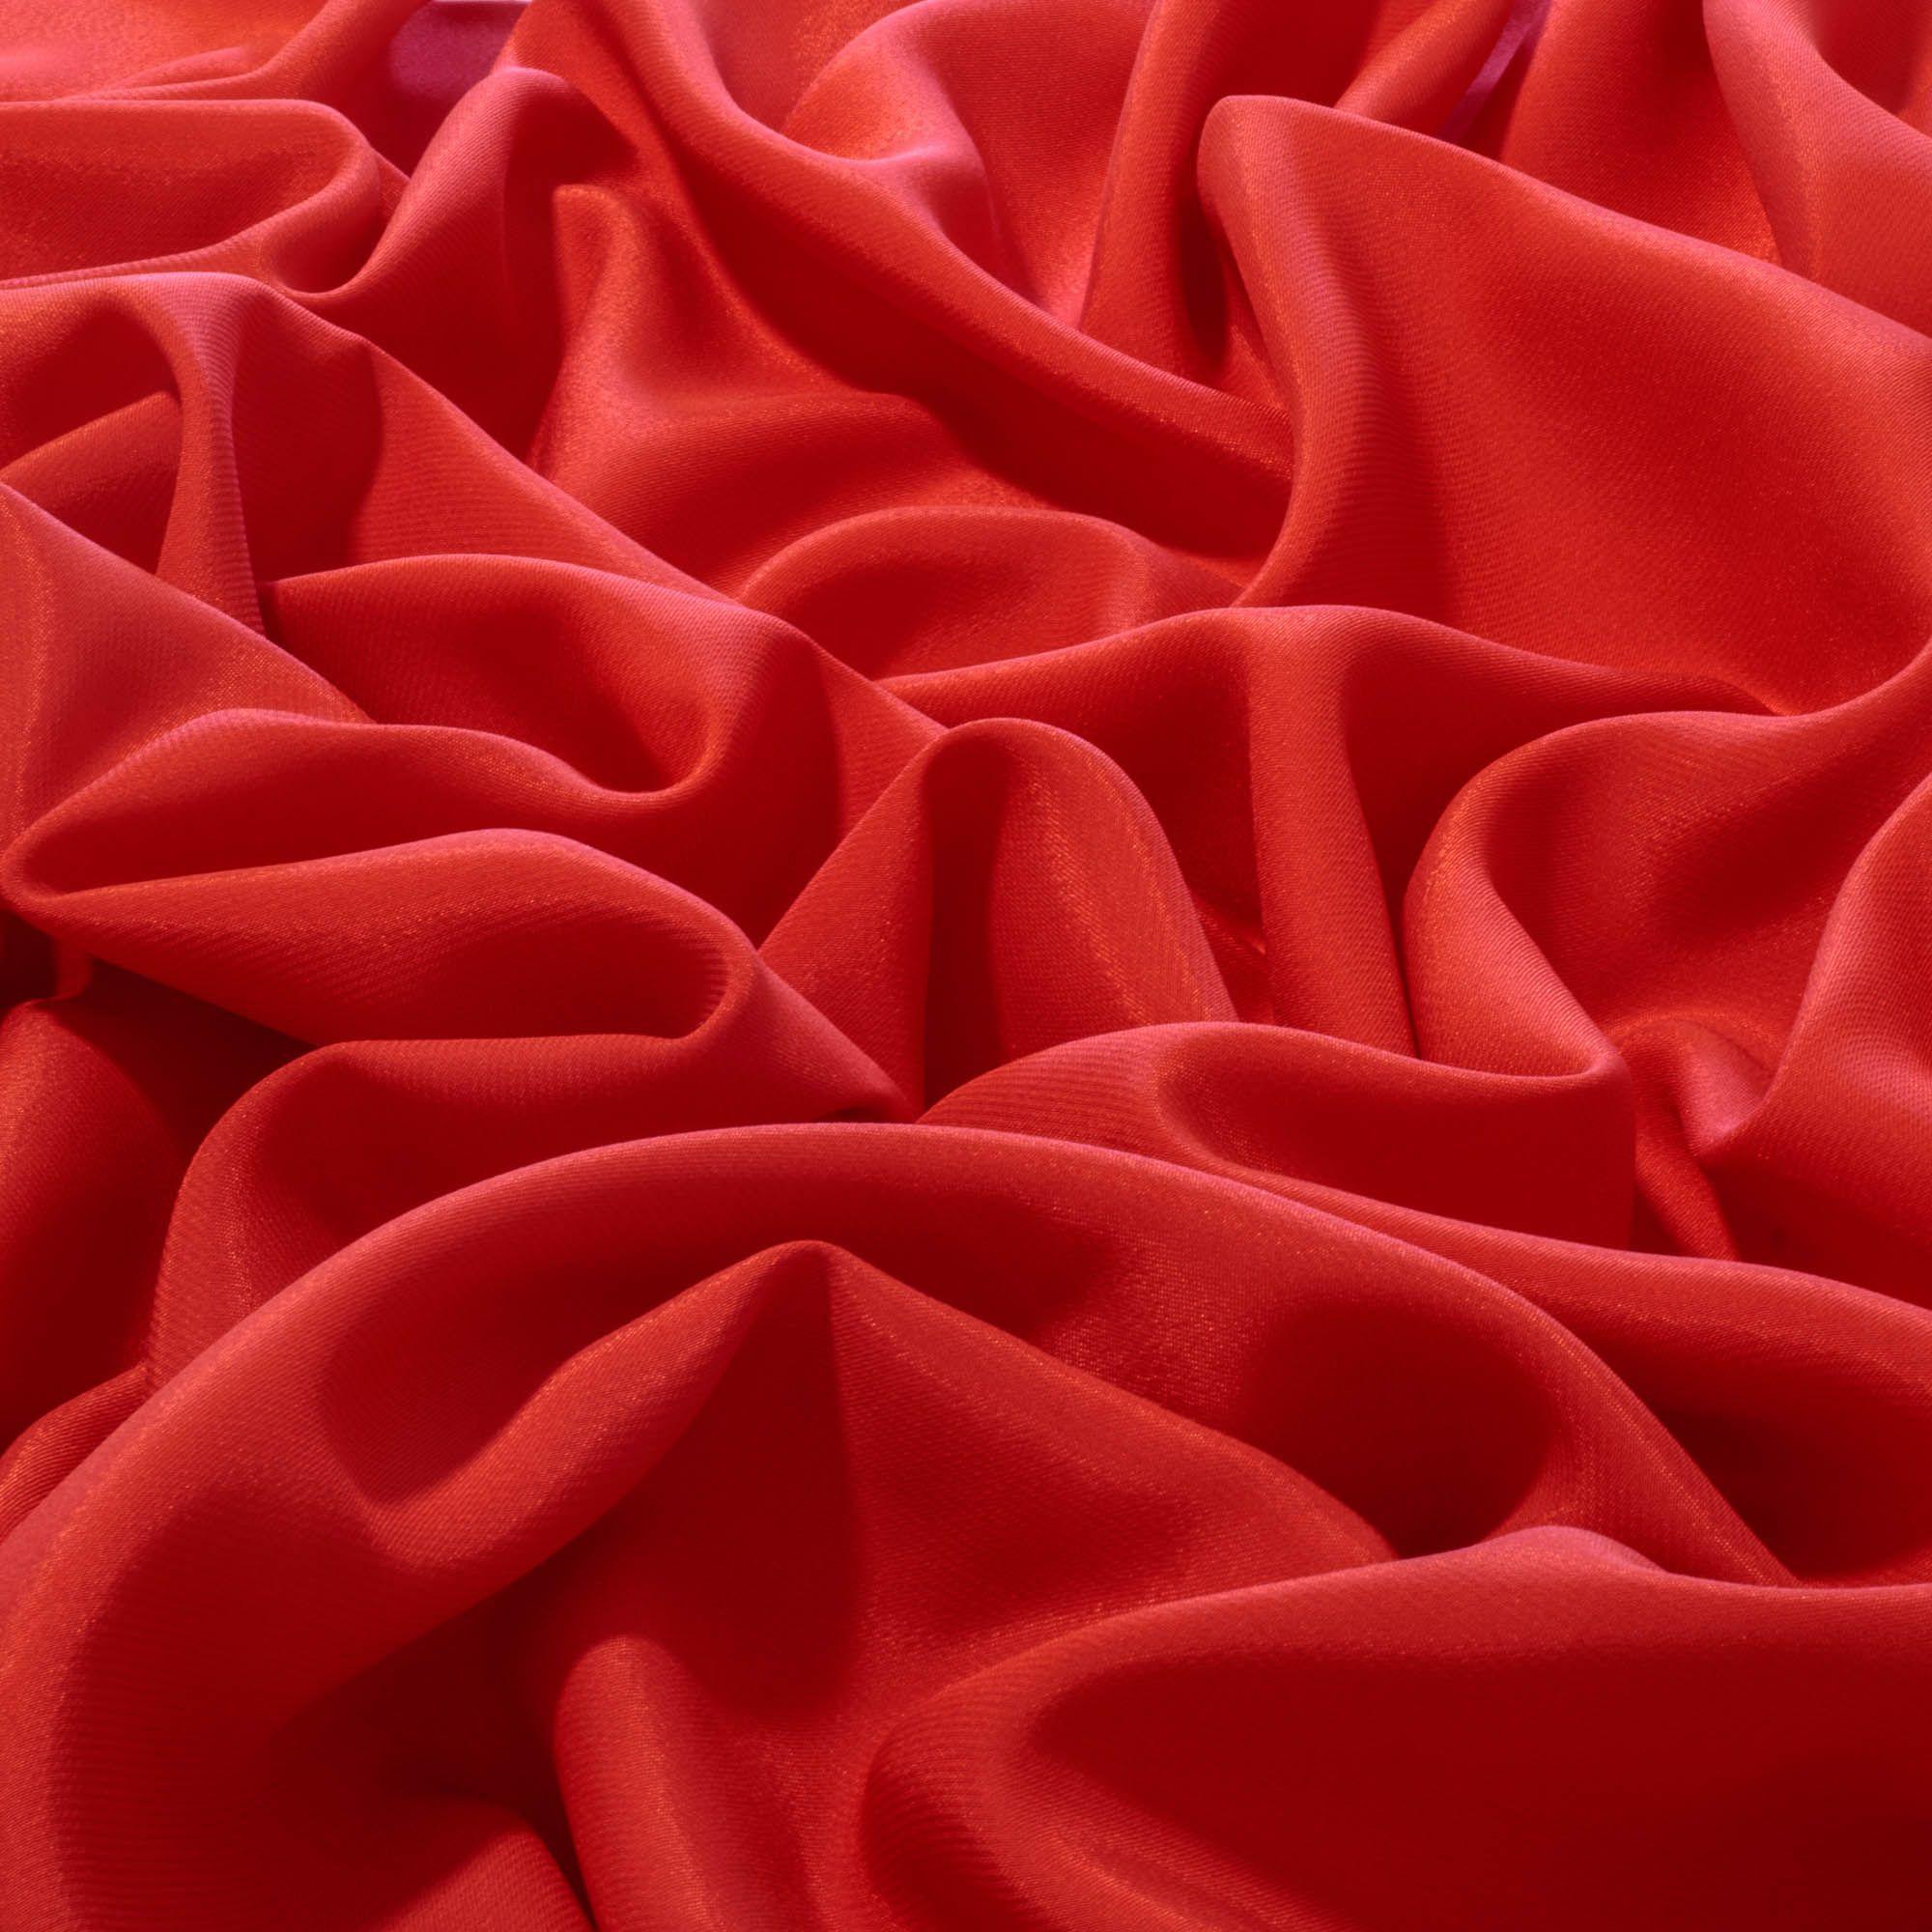 Tecido Crepe Patu Vermelho Cereja 100% Poliester 1,40 m Largura